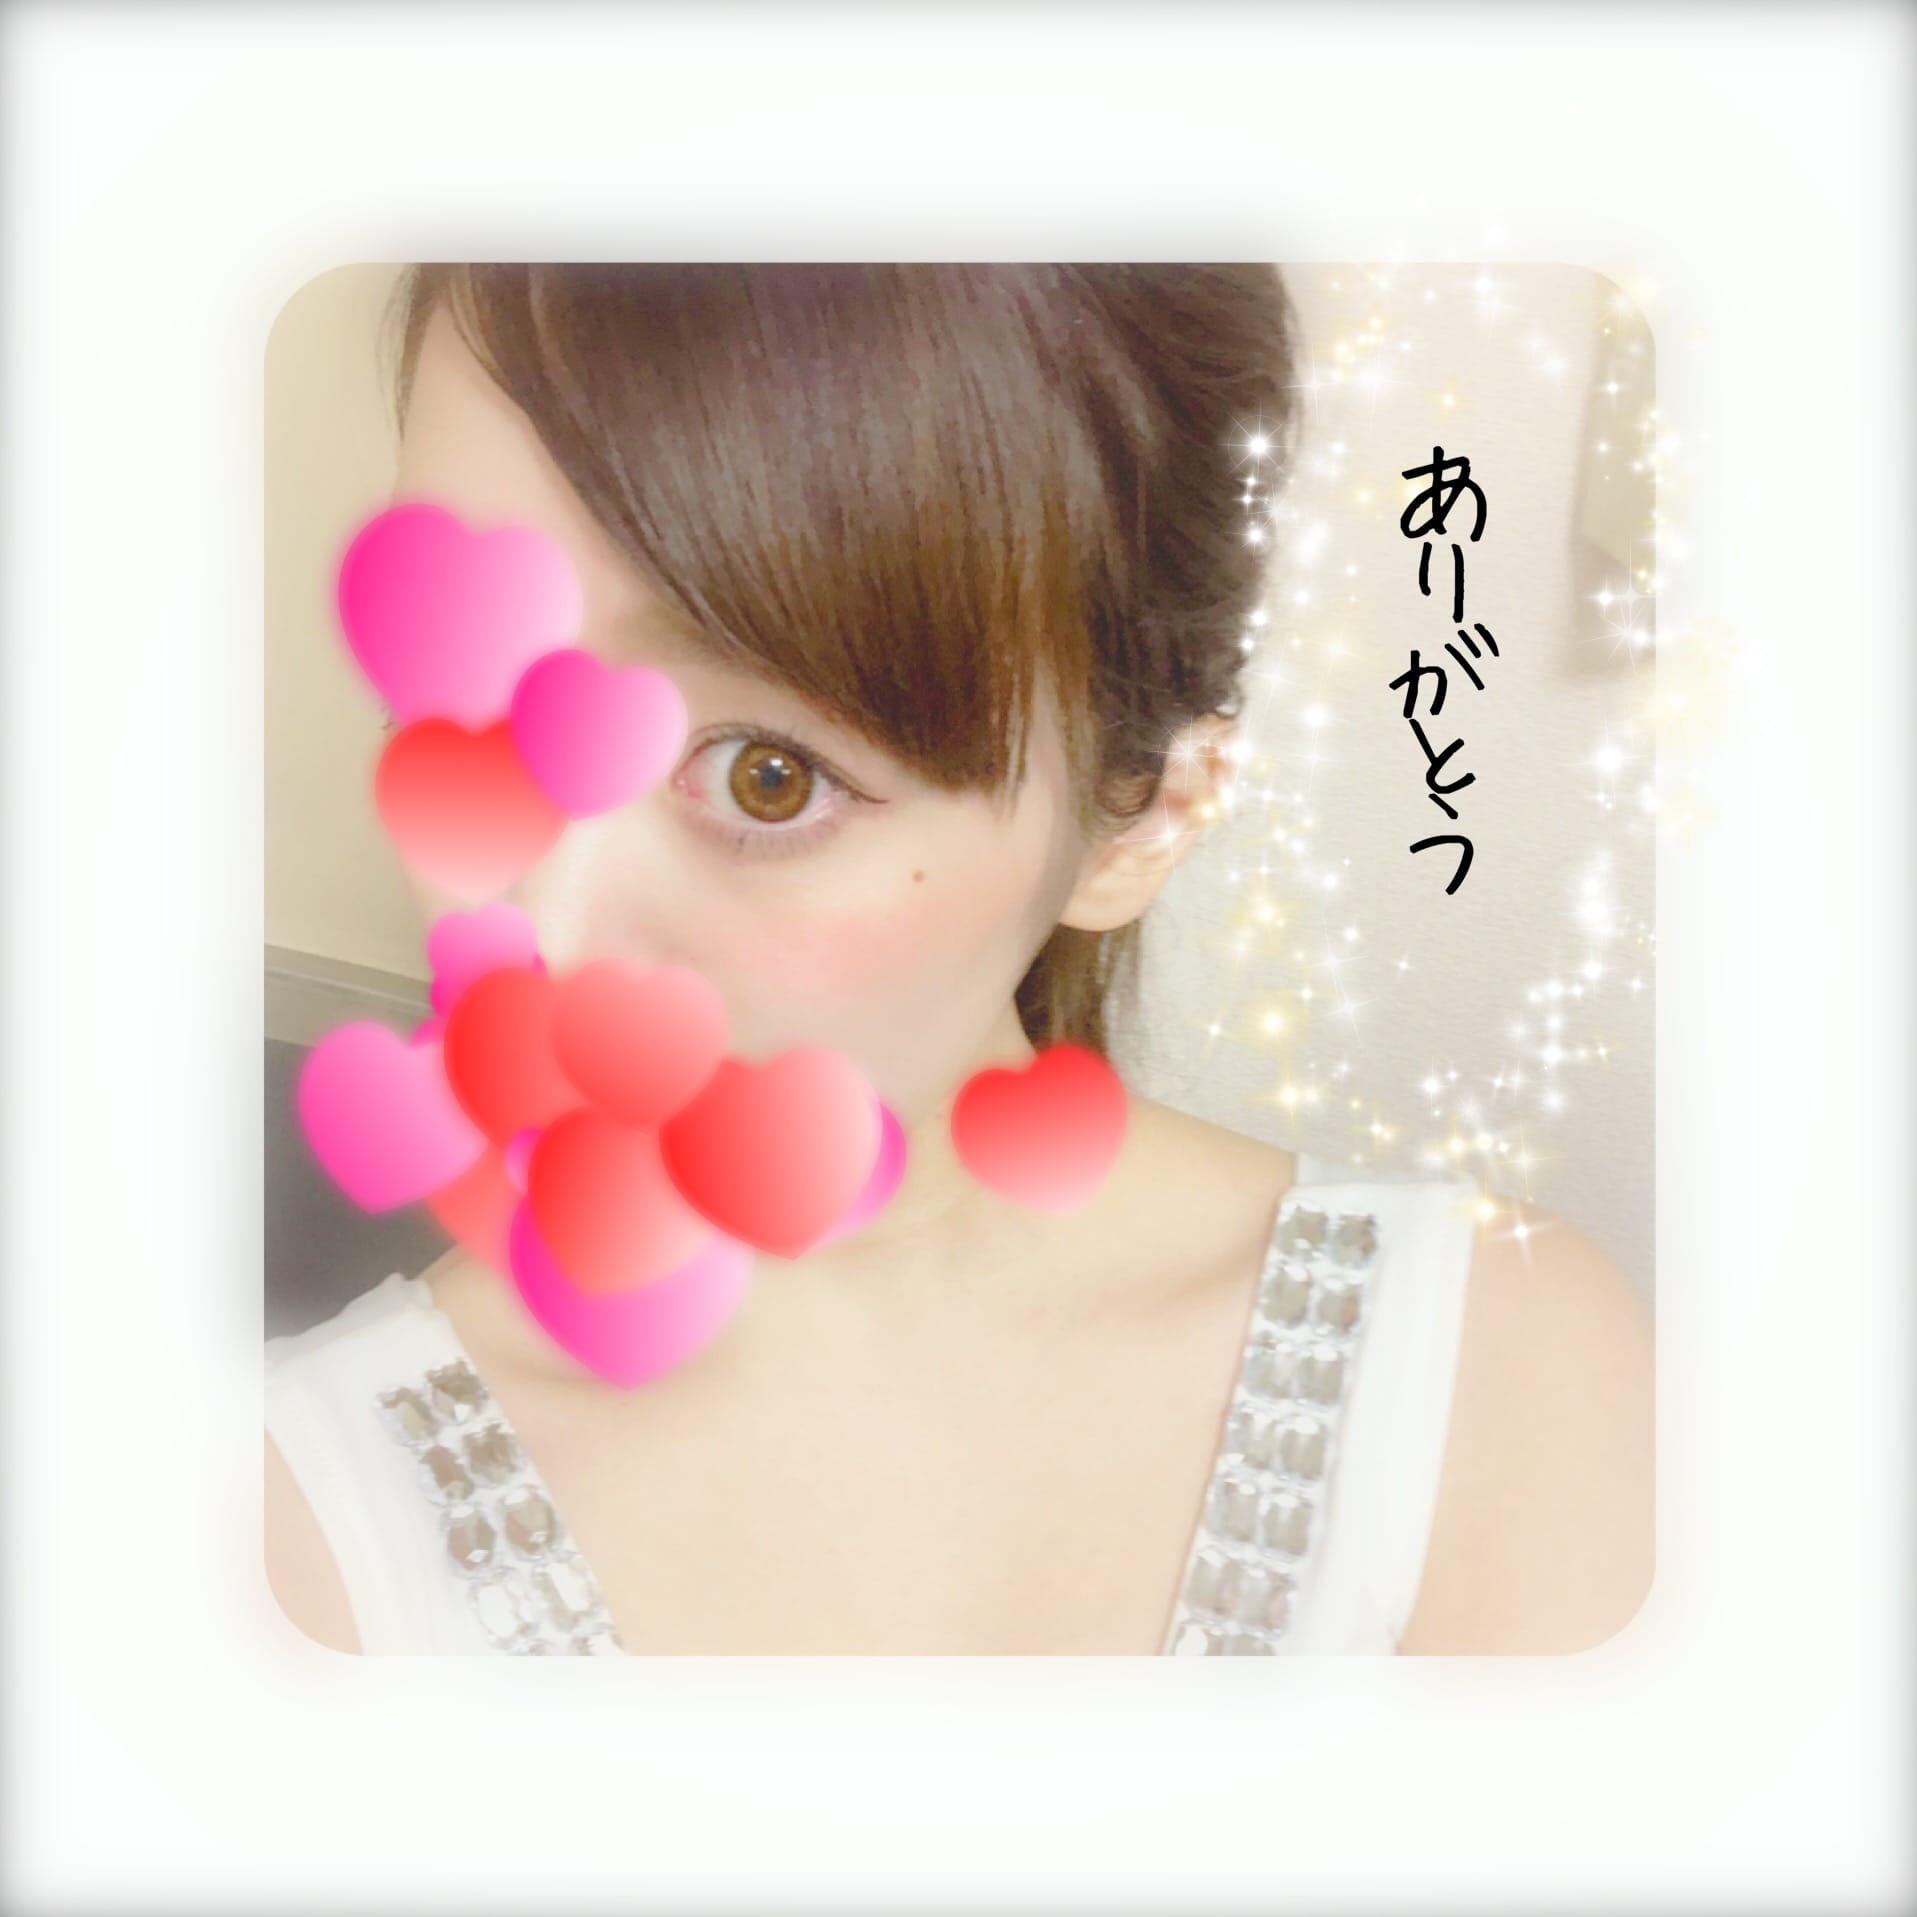 「65分★本指名様」03/24(土) 04:09 | のあの写メ・風俗動画